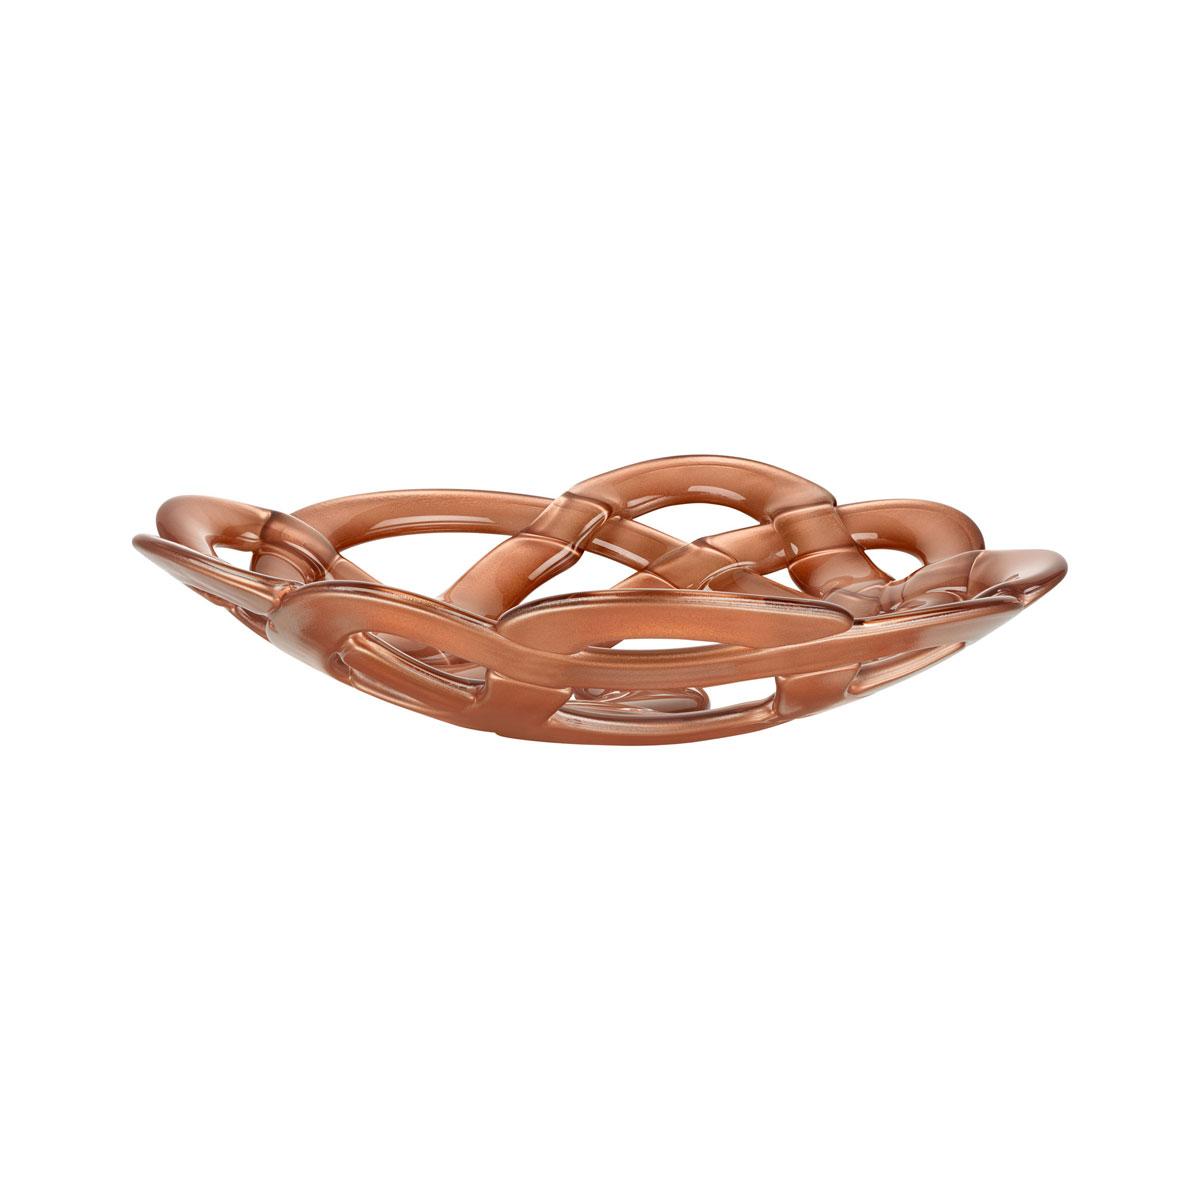 Kosta Boda Basket Large Crystal Bowl, Copper